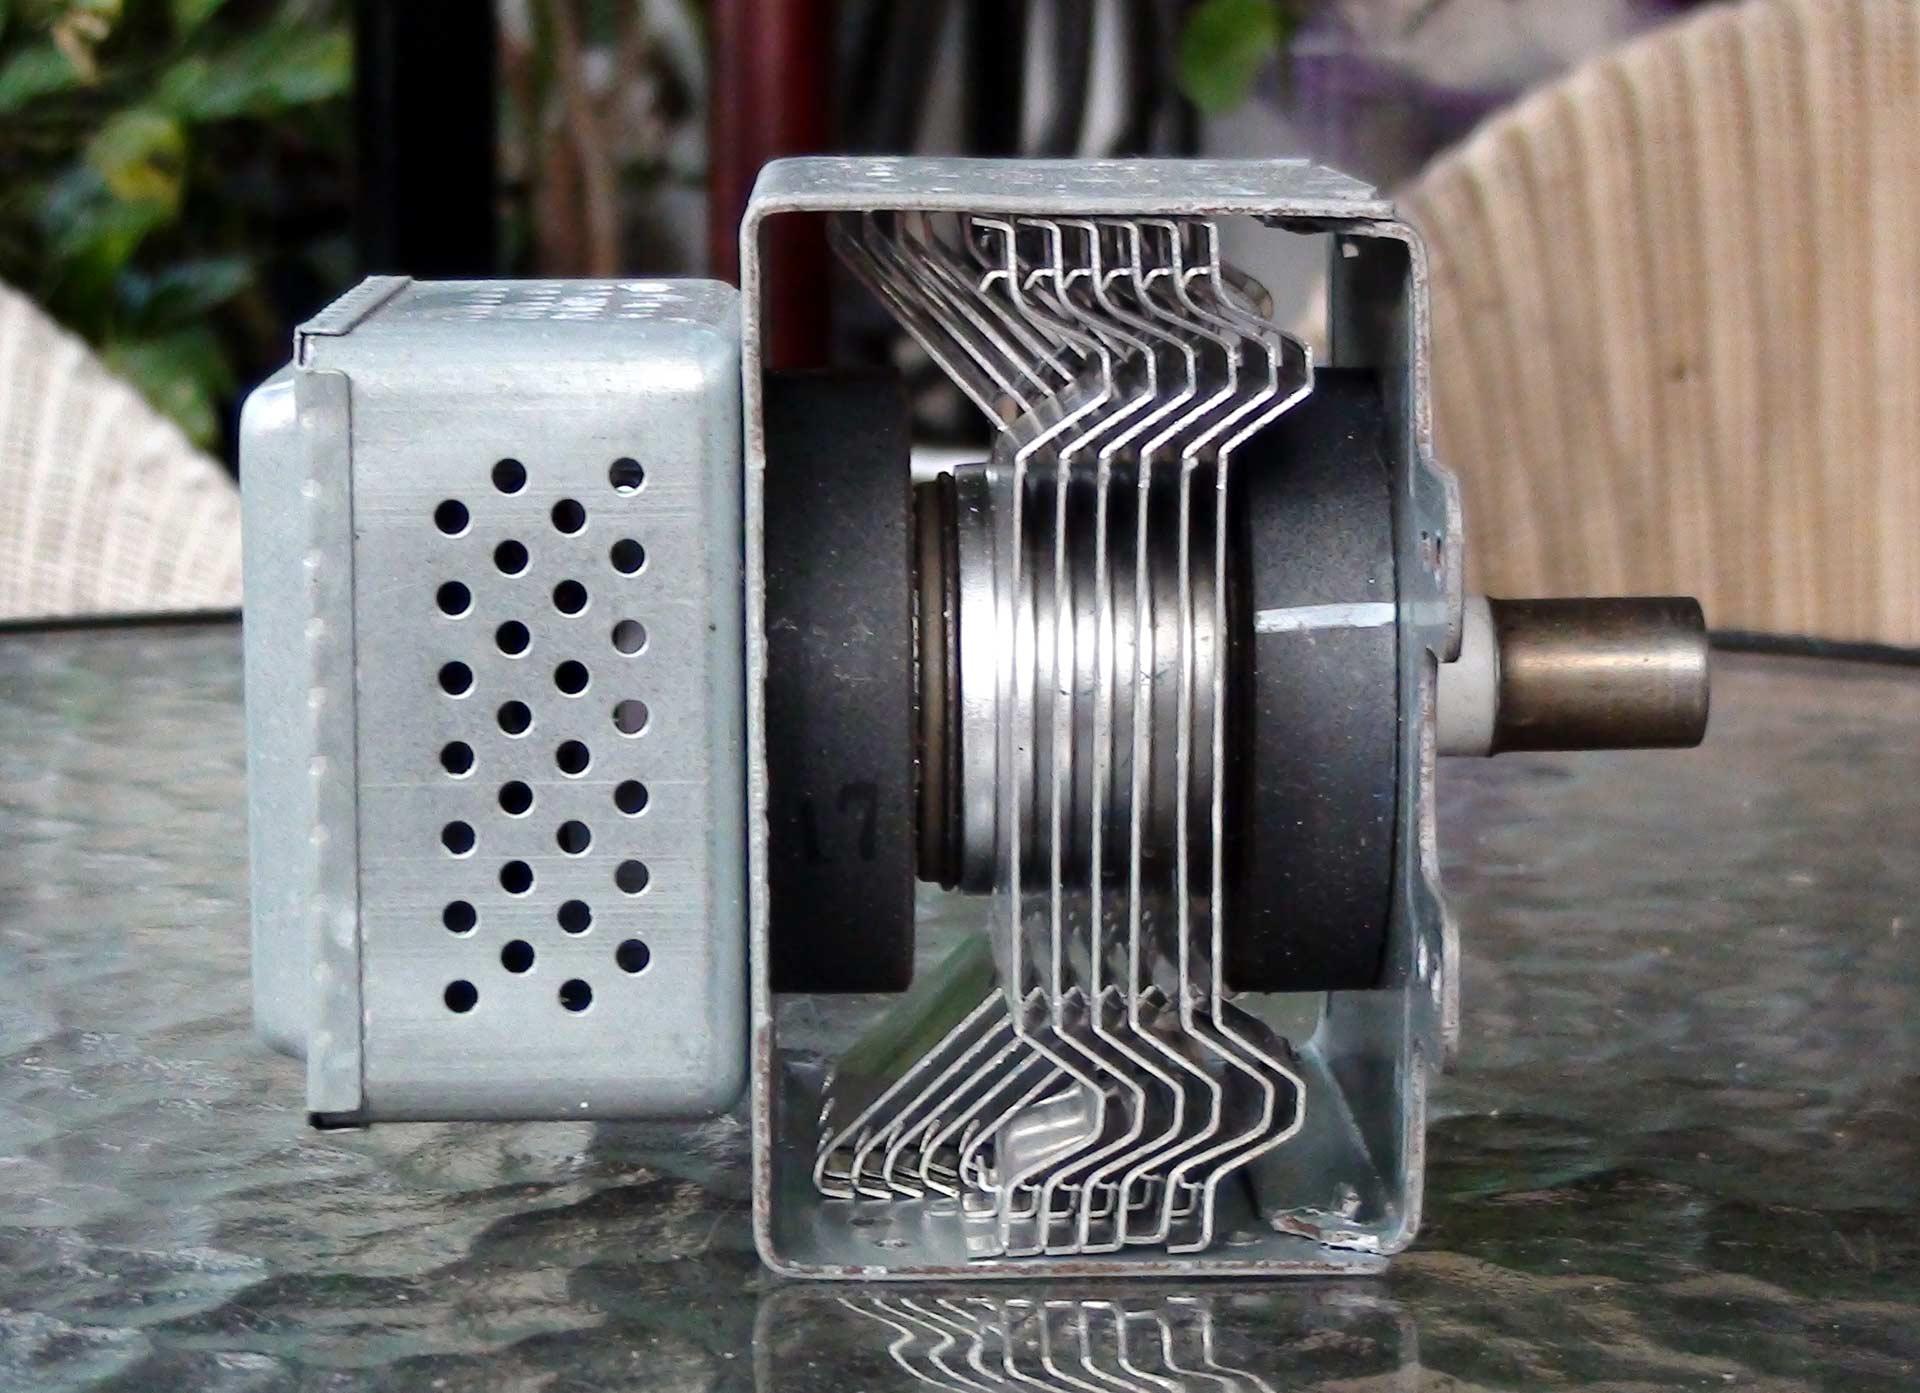 Micro Onde Au Dessus Du Four les modes de cuisson 3 : four électrique, four à micro-ondes